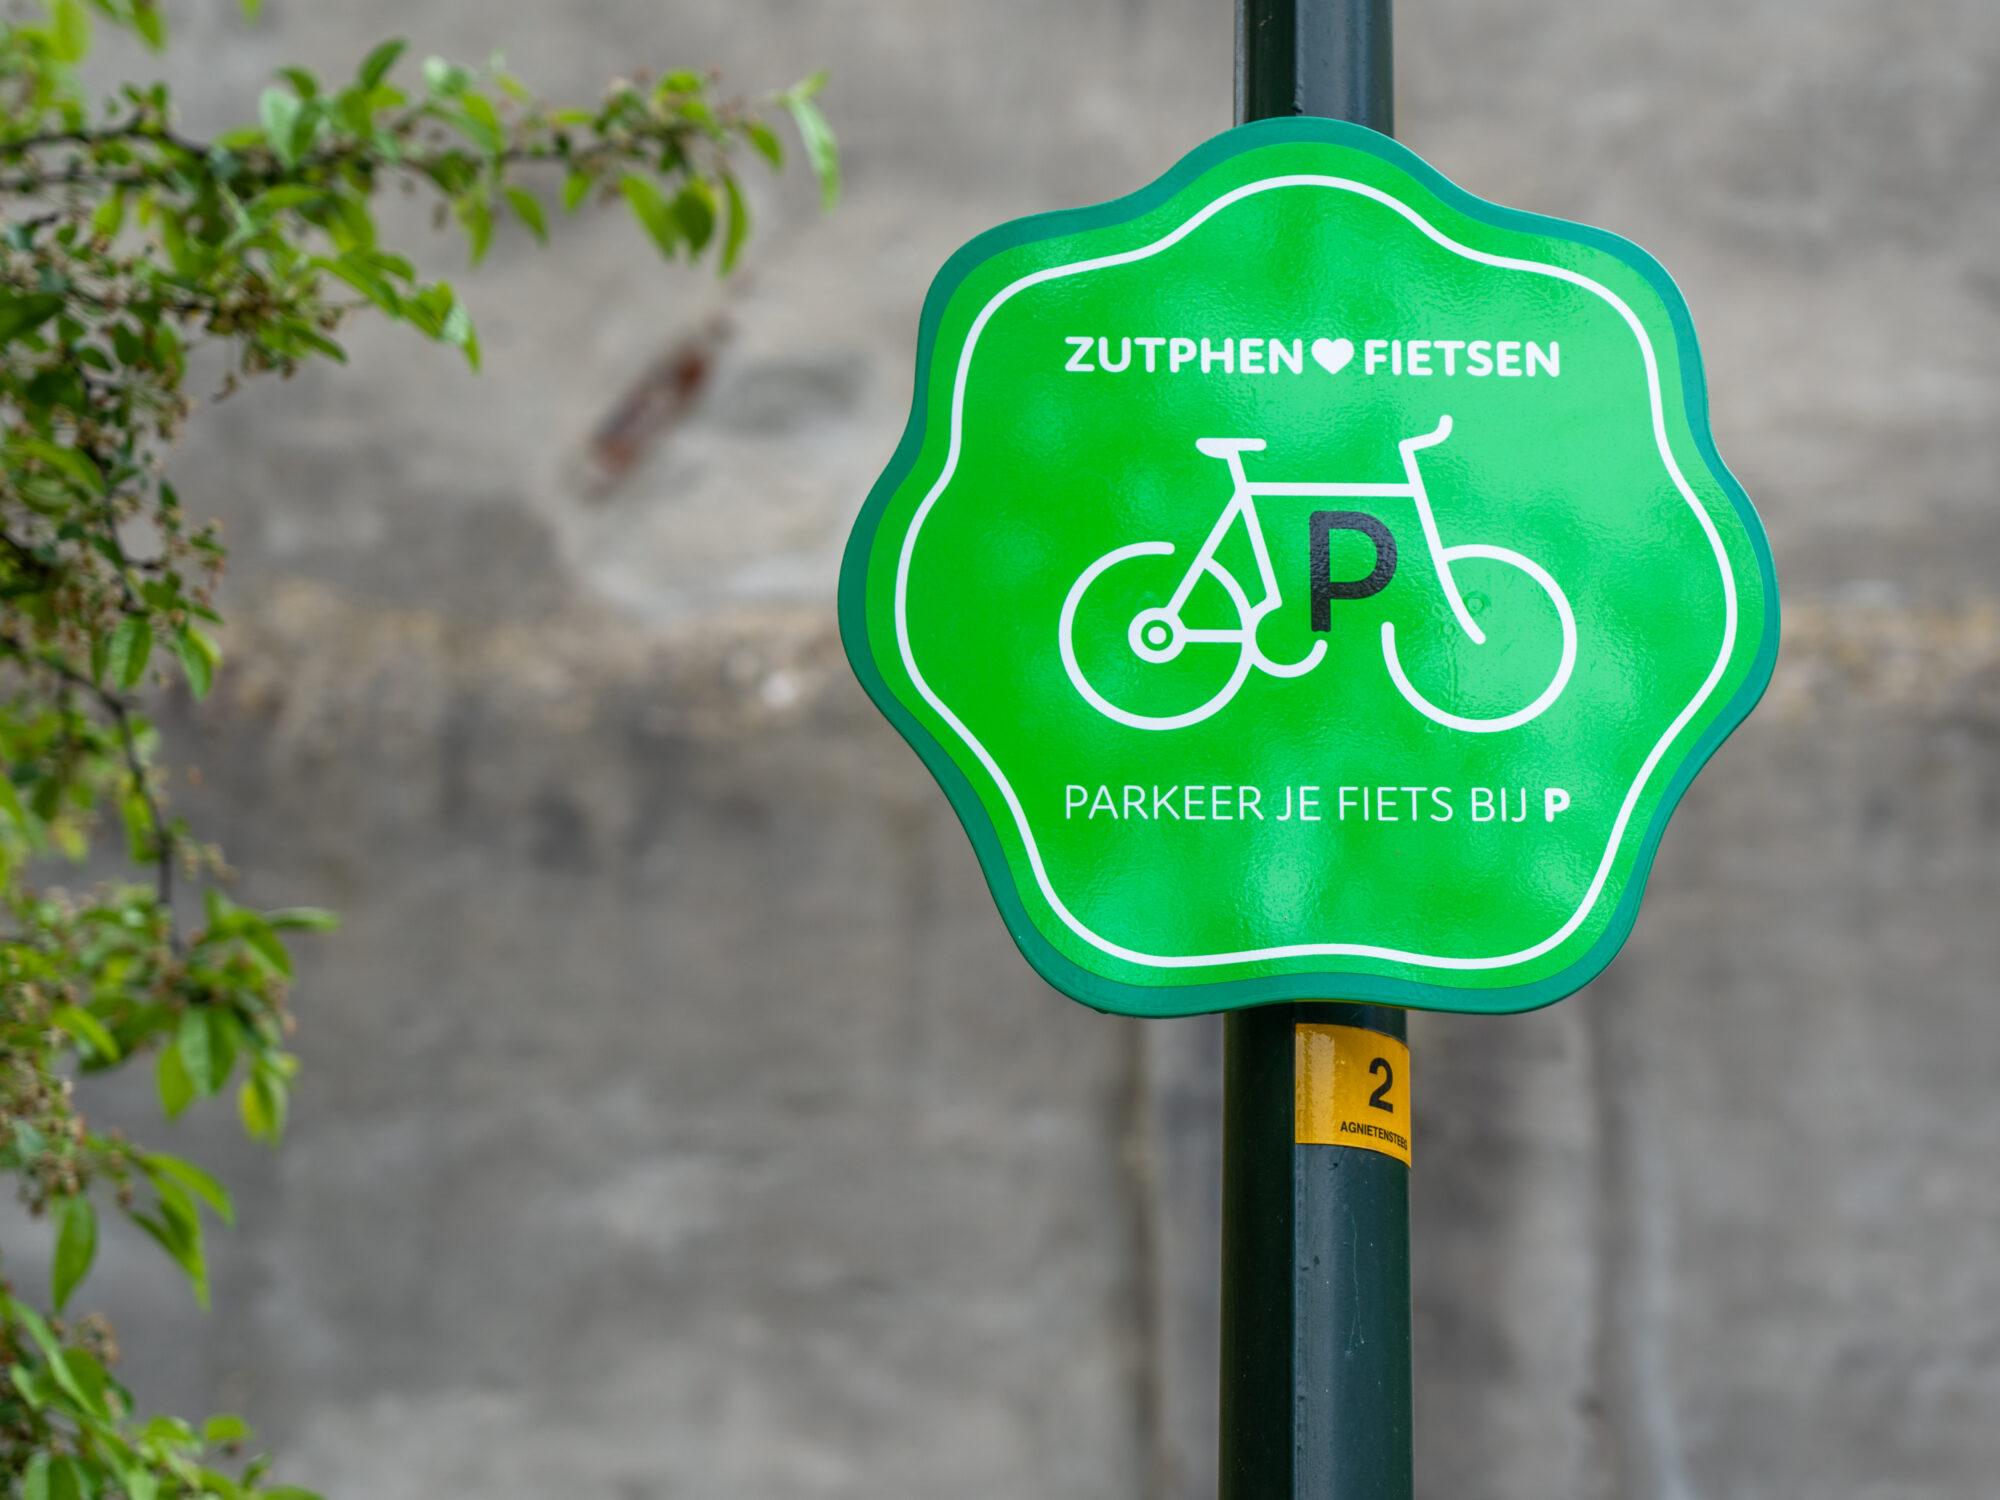 Twee tijdelijke fietsenstallingen in binnenstad Zutphen